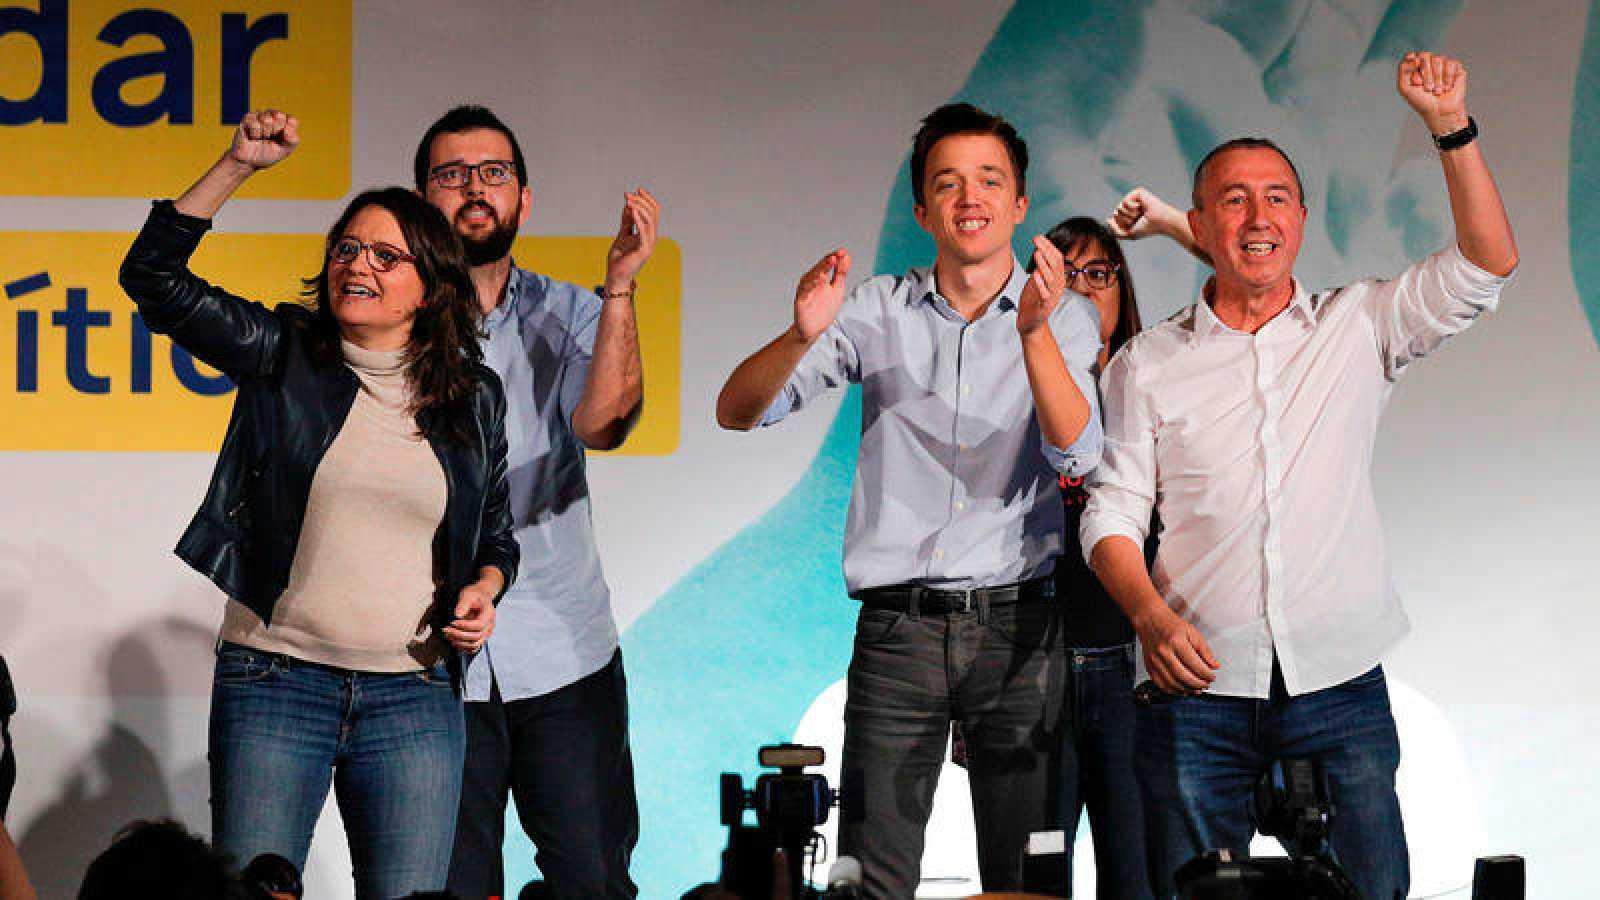 Elecciones 10N: Mitin de Más País en Valencia, con Íñigo Errejón, Joan Baldoví y Mónica Oltra